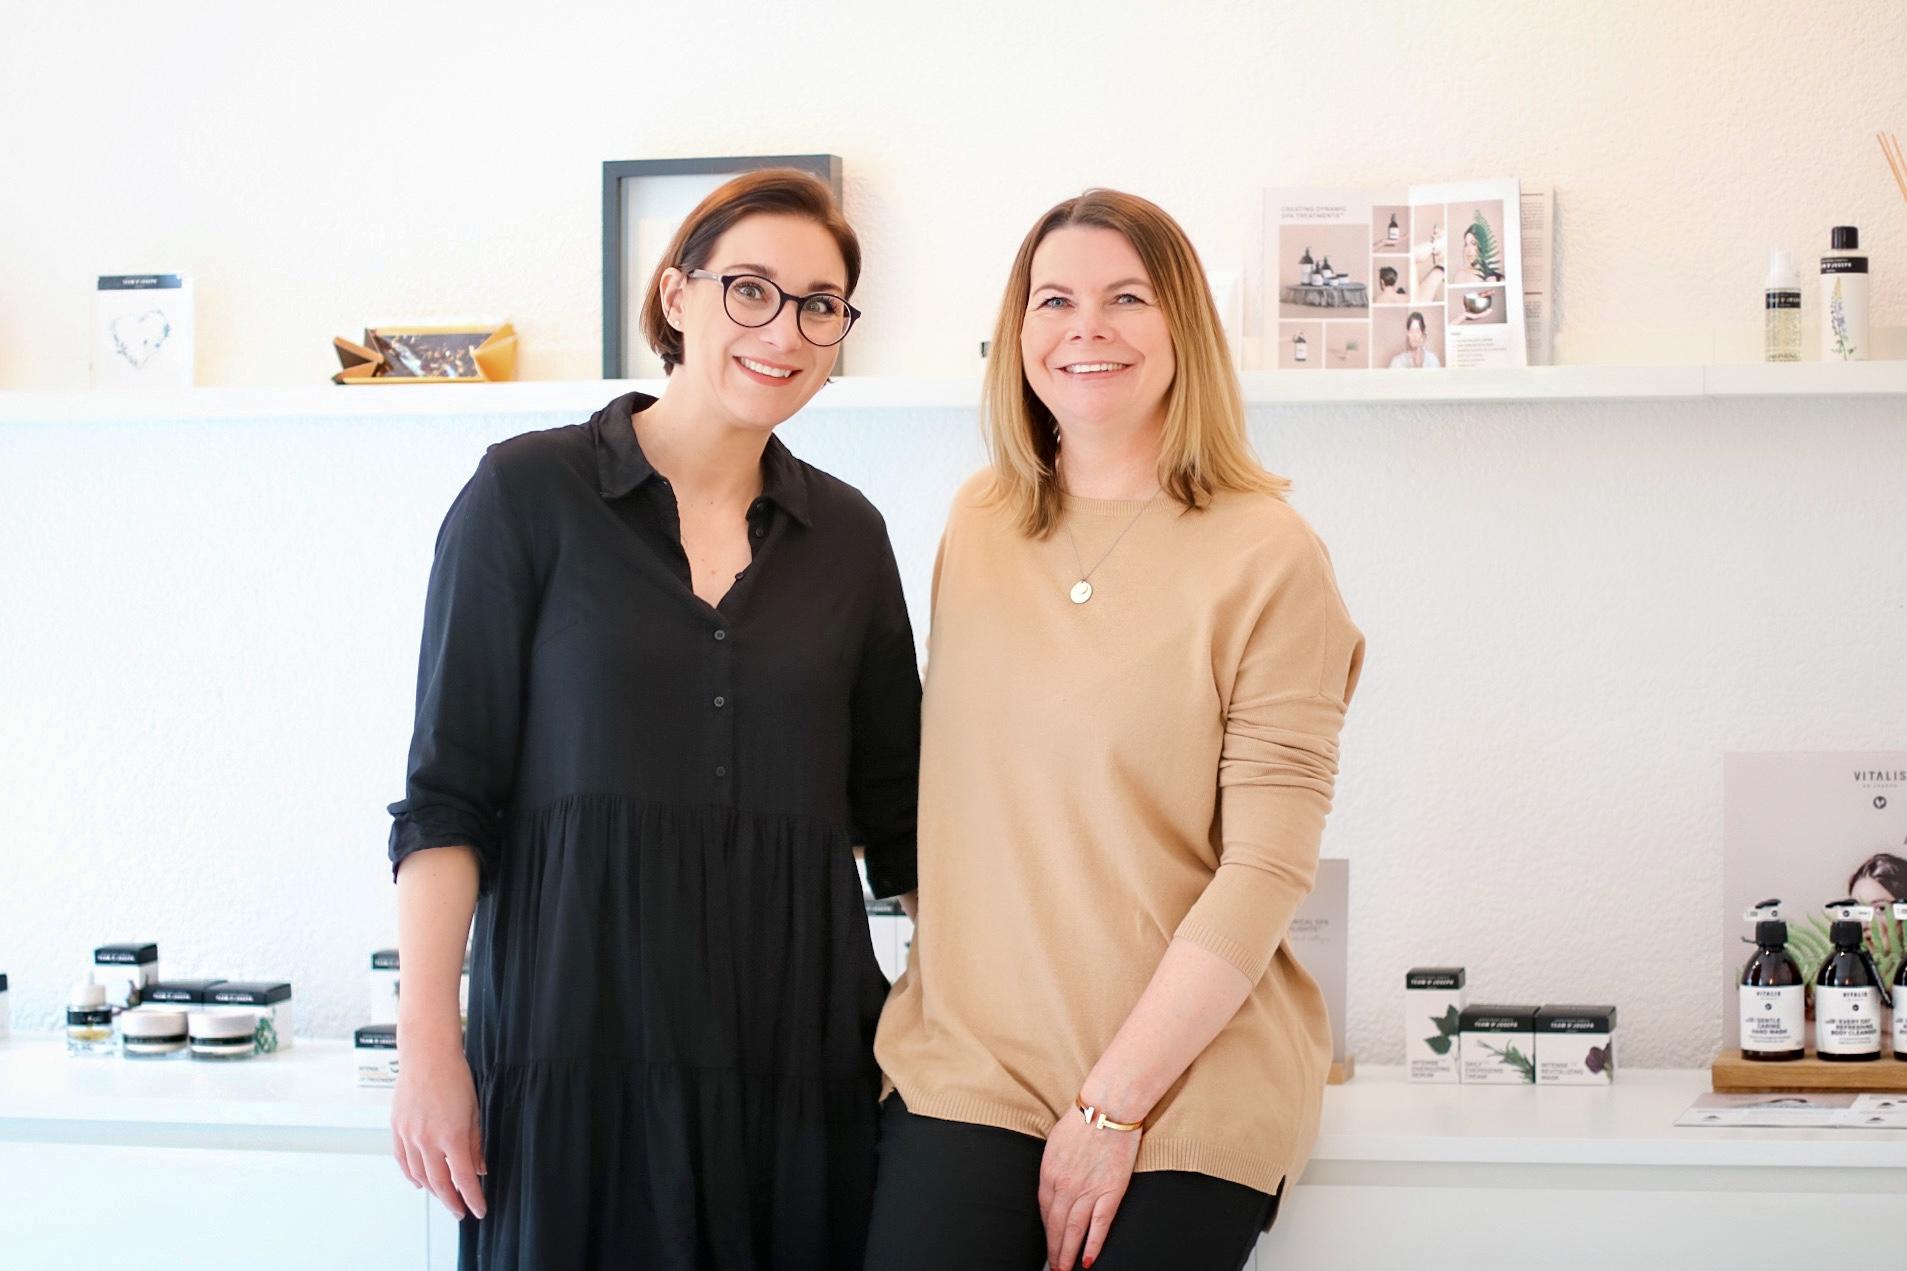 Sara Rolles mit Frau Schirra bloggt (Saarland Bloggerin)